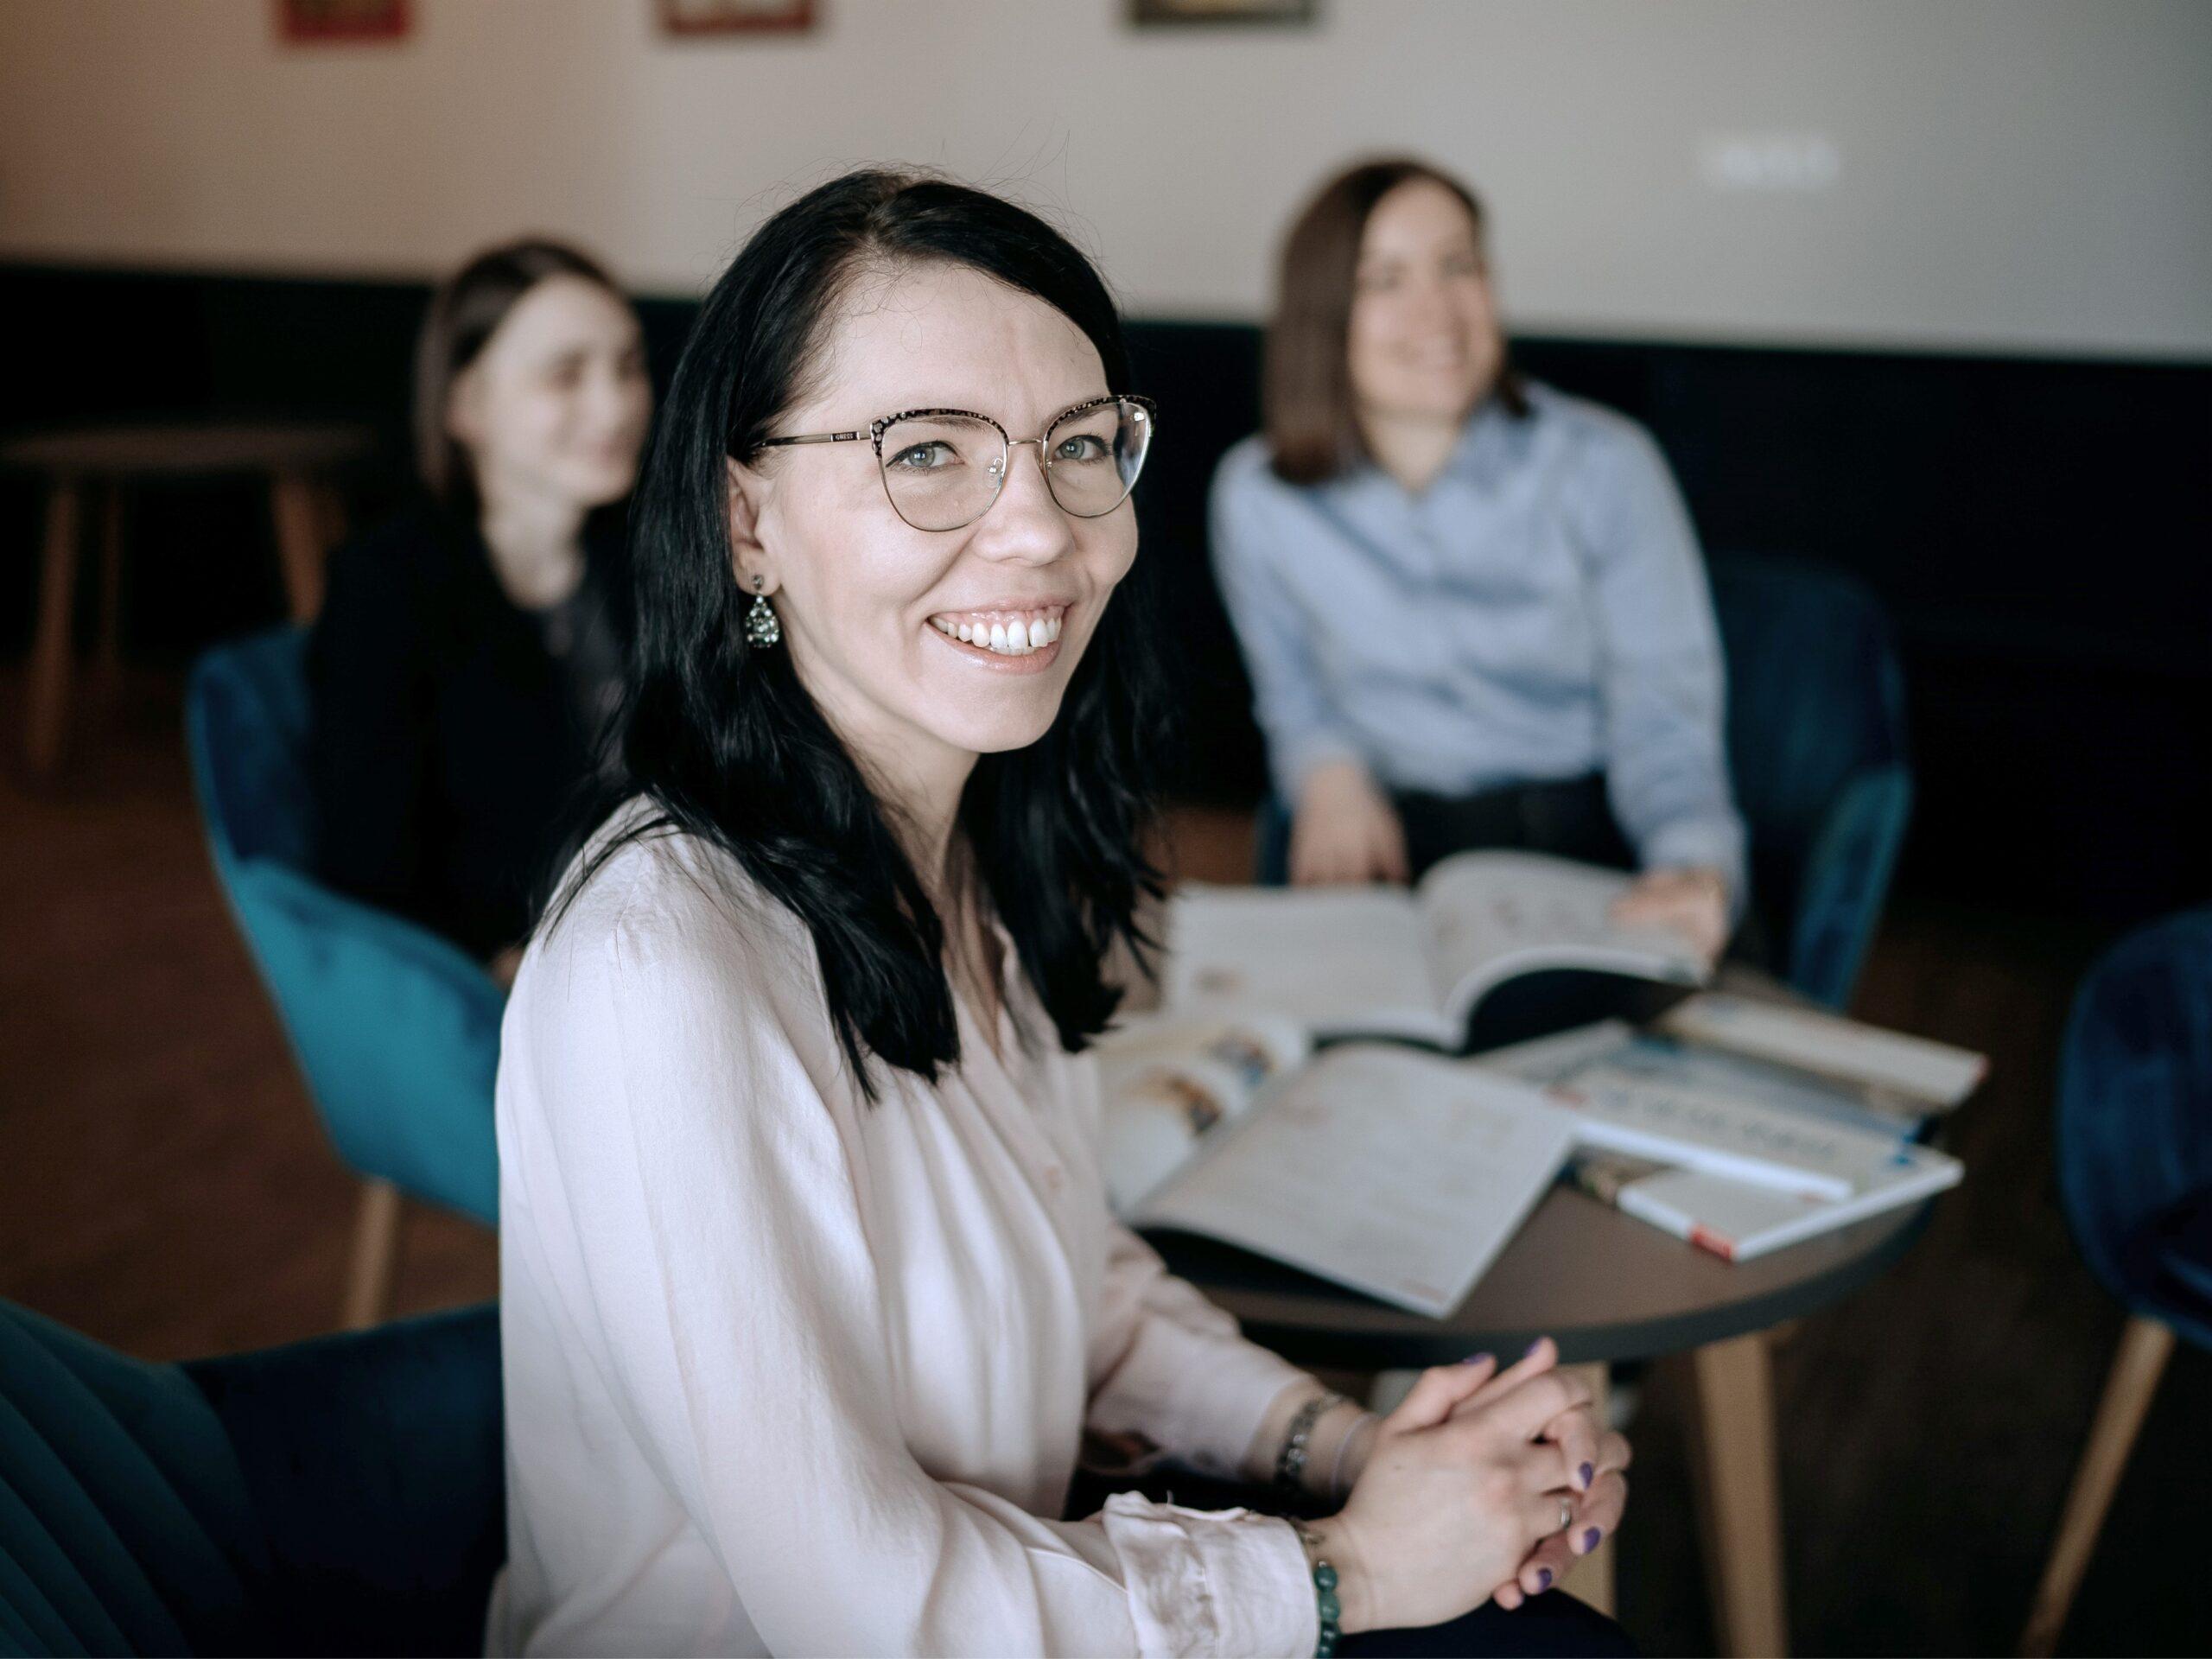 Szkoła języka niemieckiego Warszawa – Ewelina, Iwona i Joanna